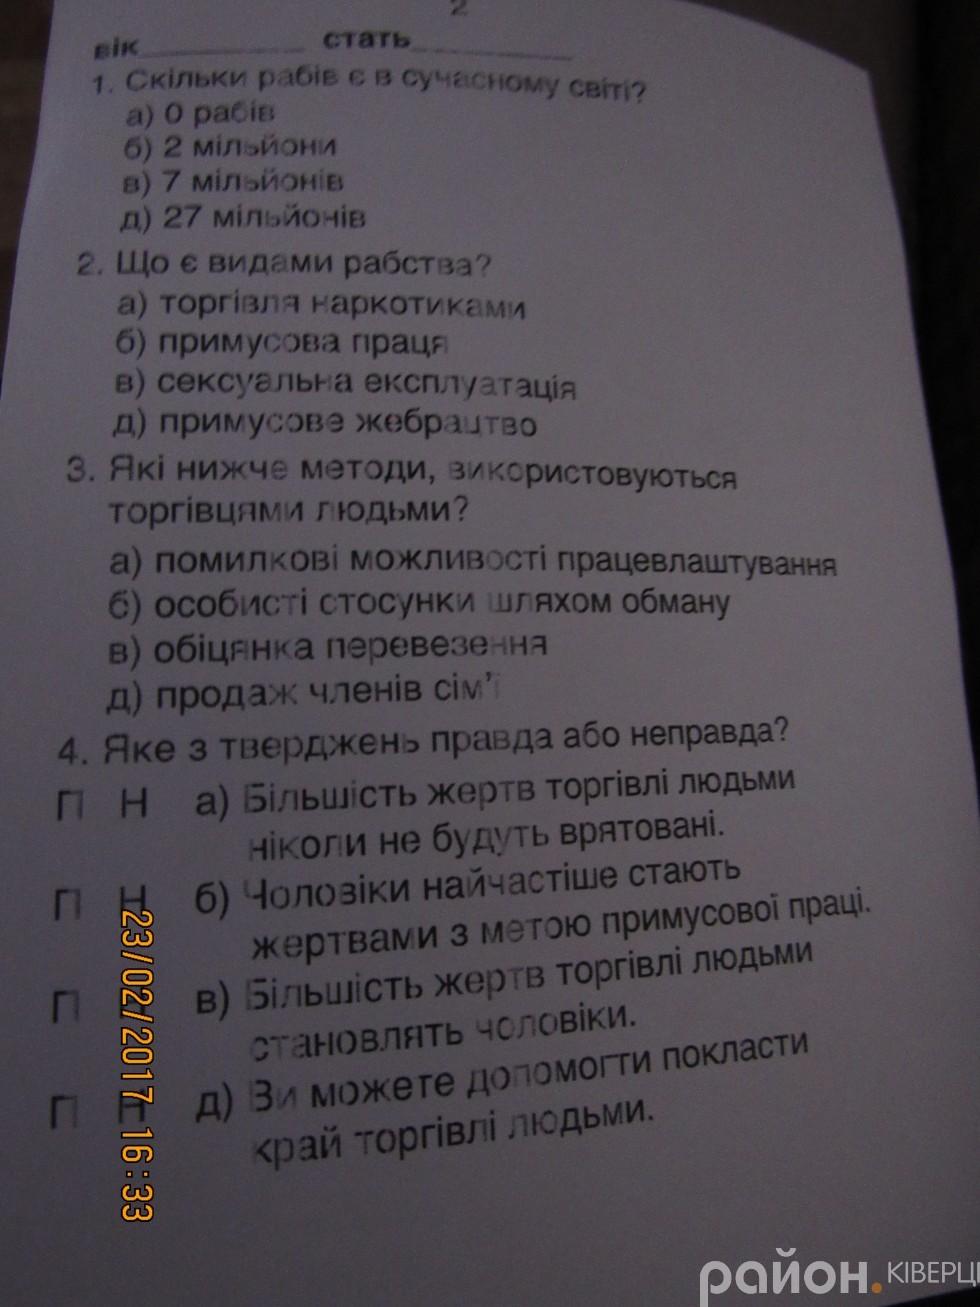 Анкета, яку роздали після презентації, щоб побачити, що нового дізнались присутні про проблему